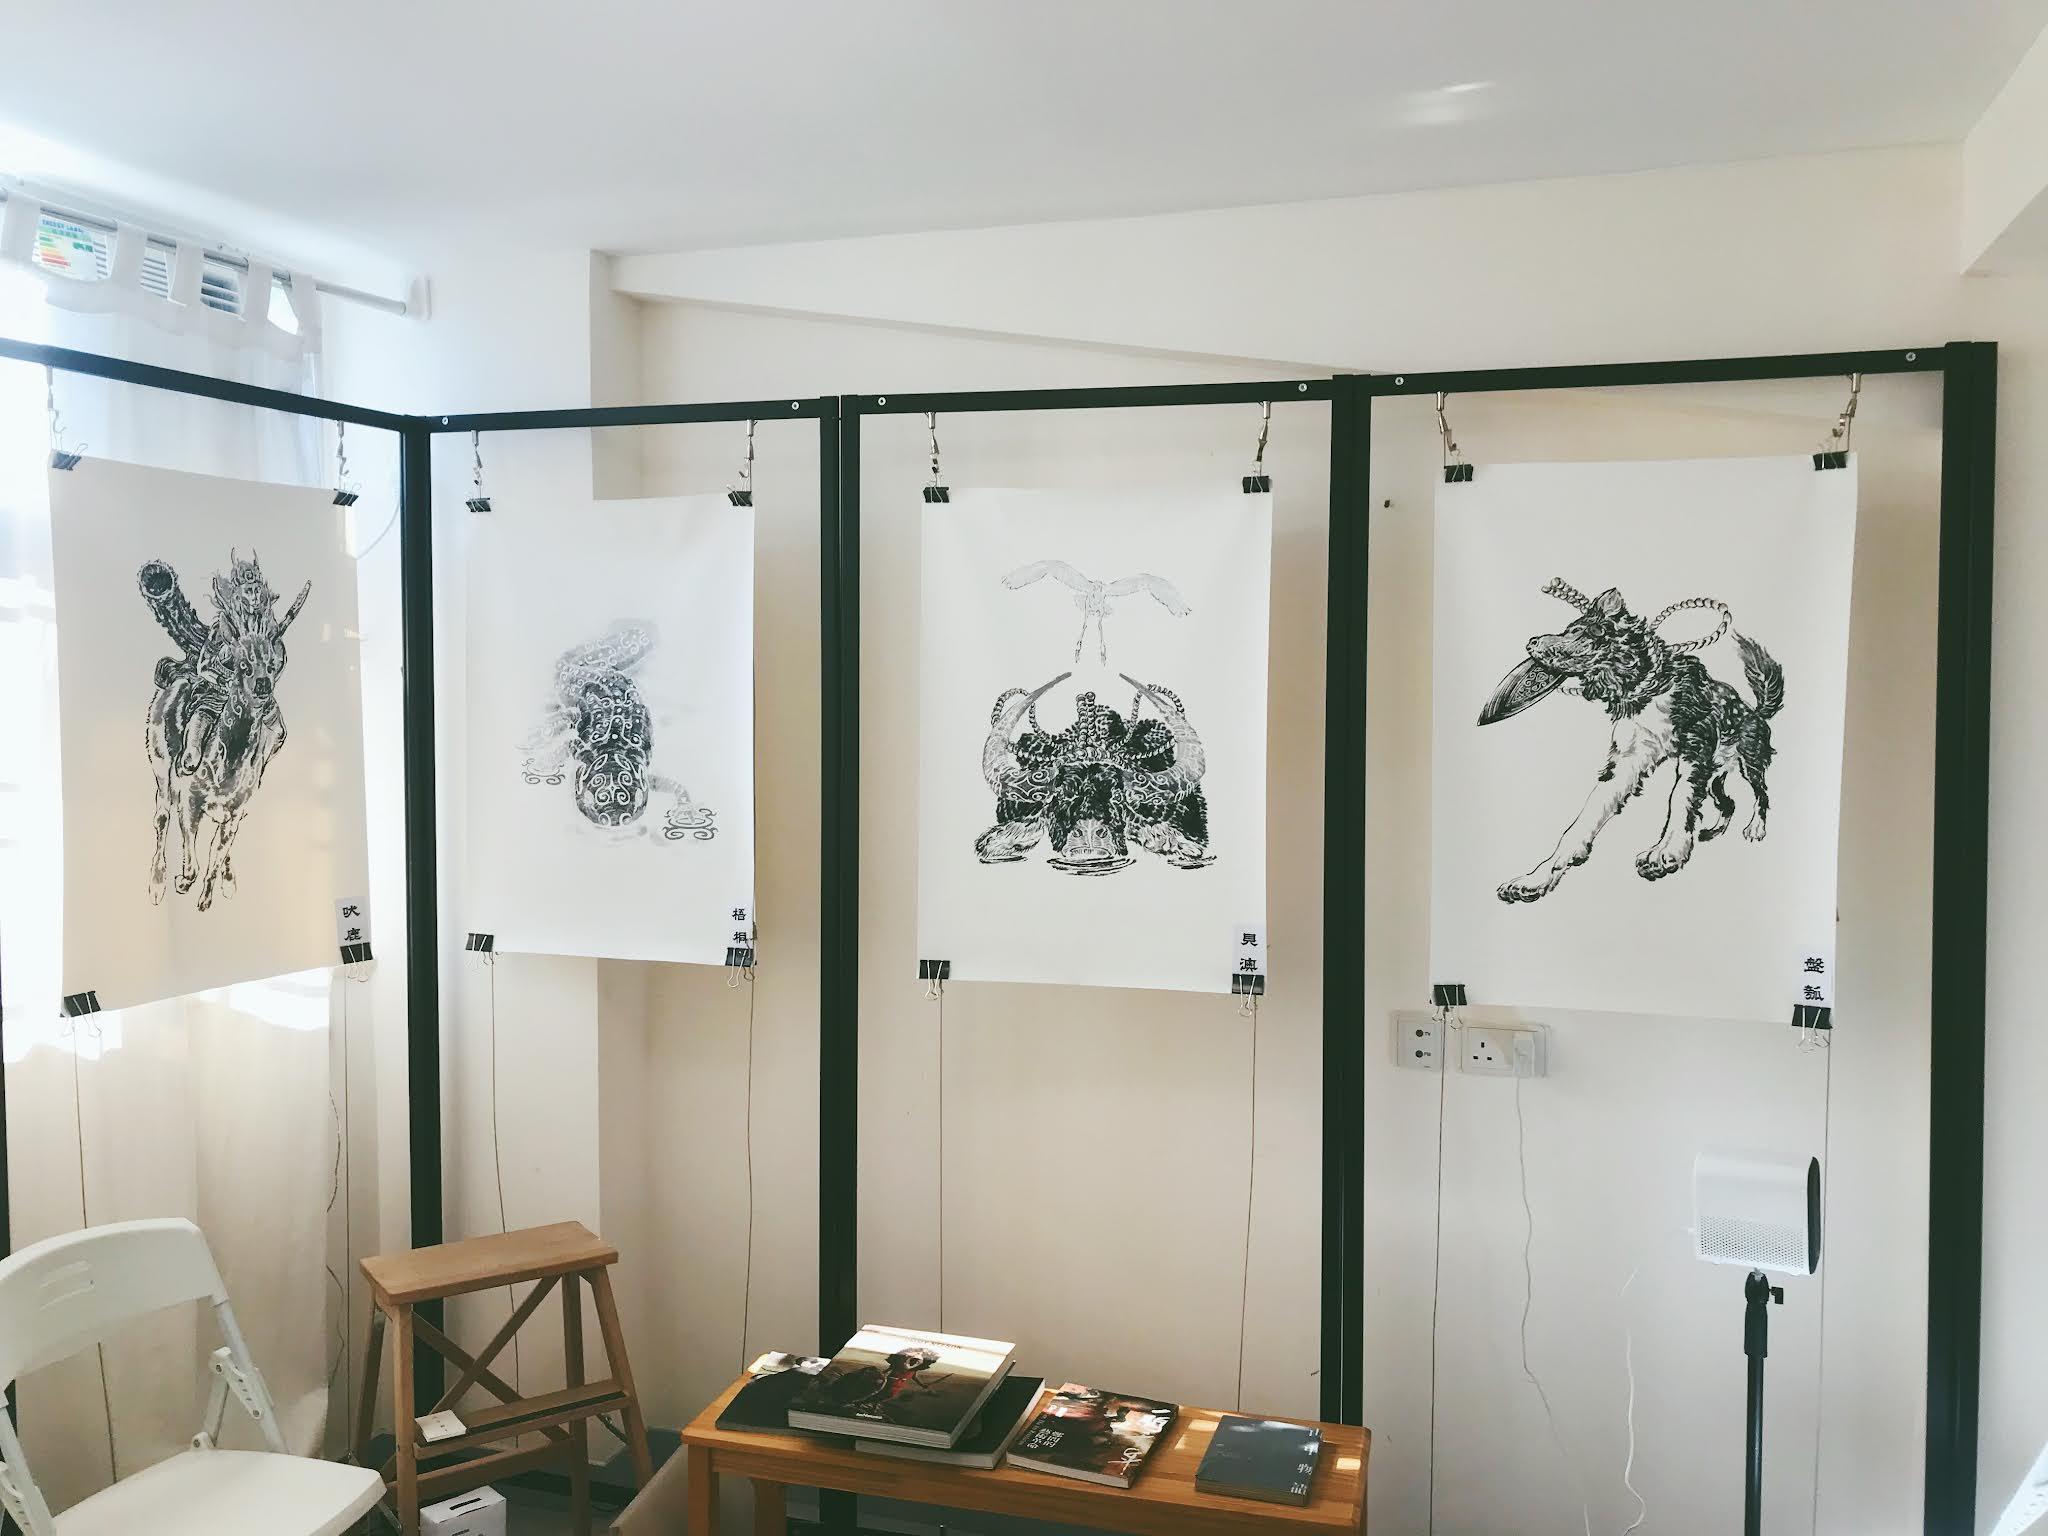 【藝術展覽】《山野禮贊》:「山中遊子」的香港神話狂想